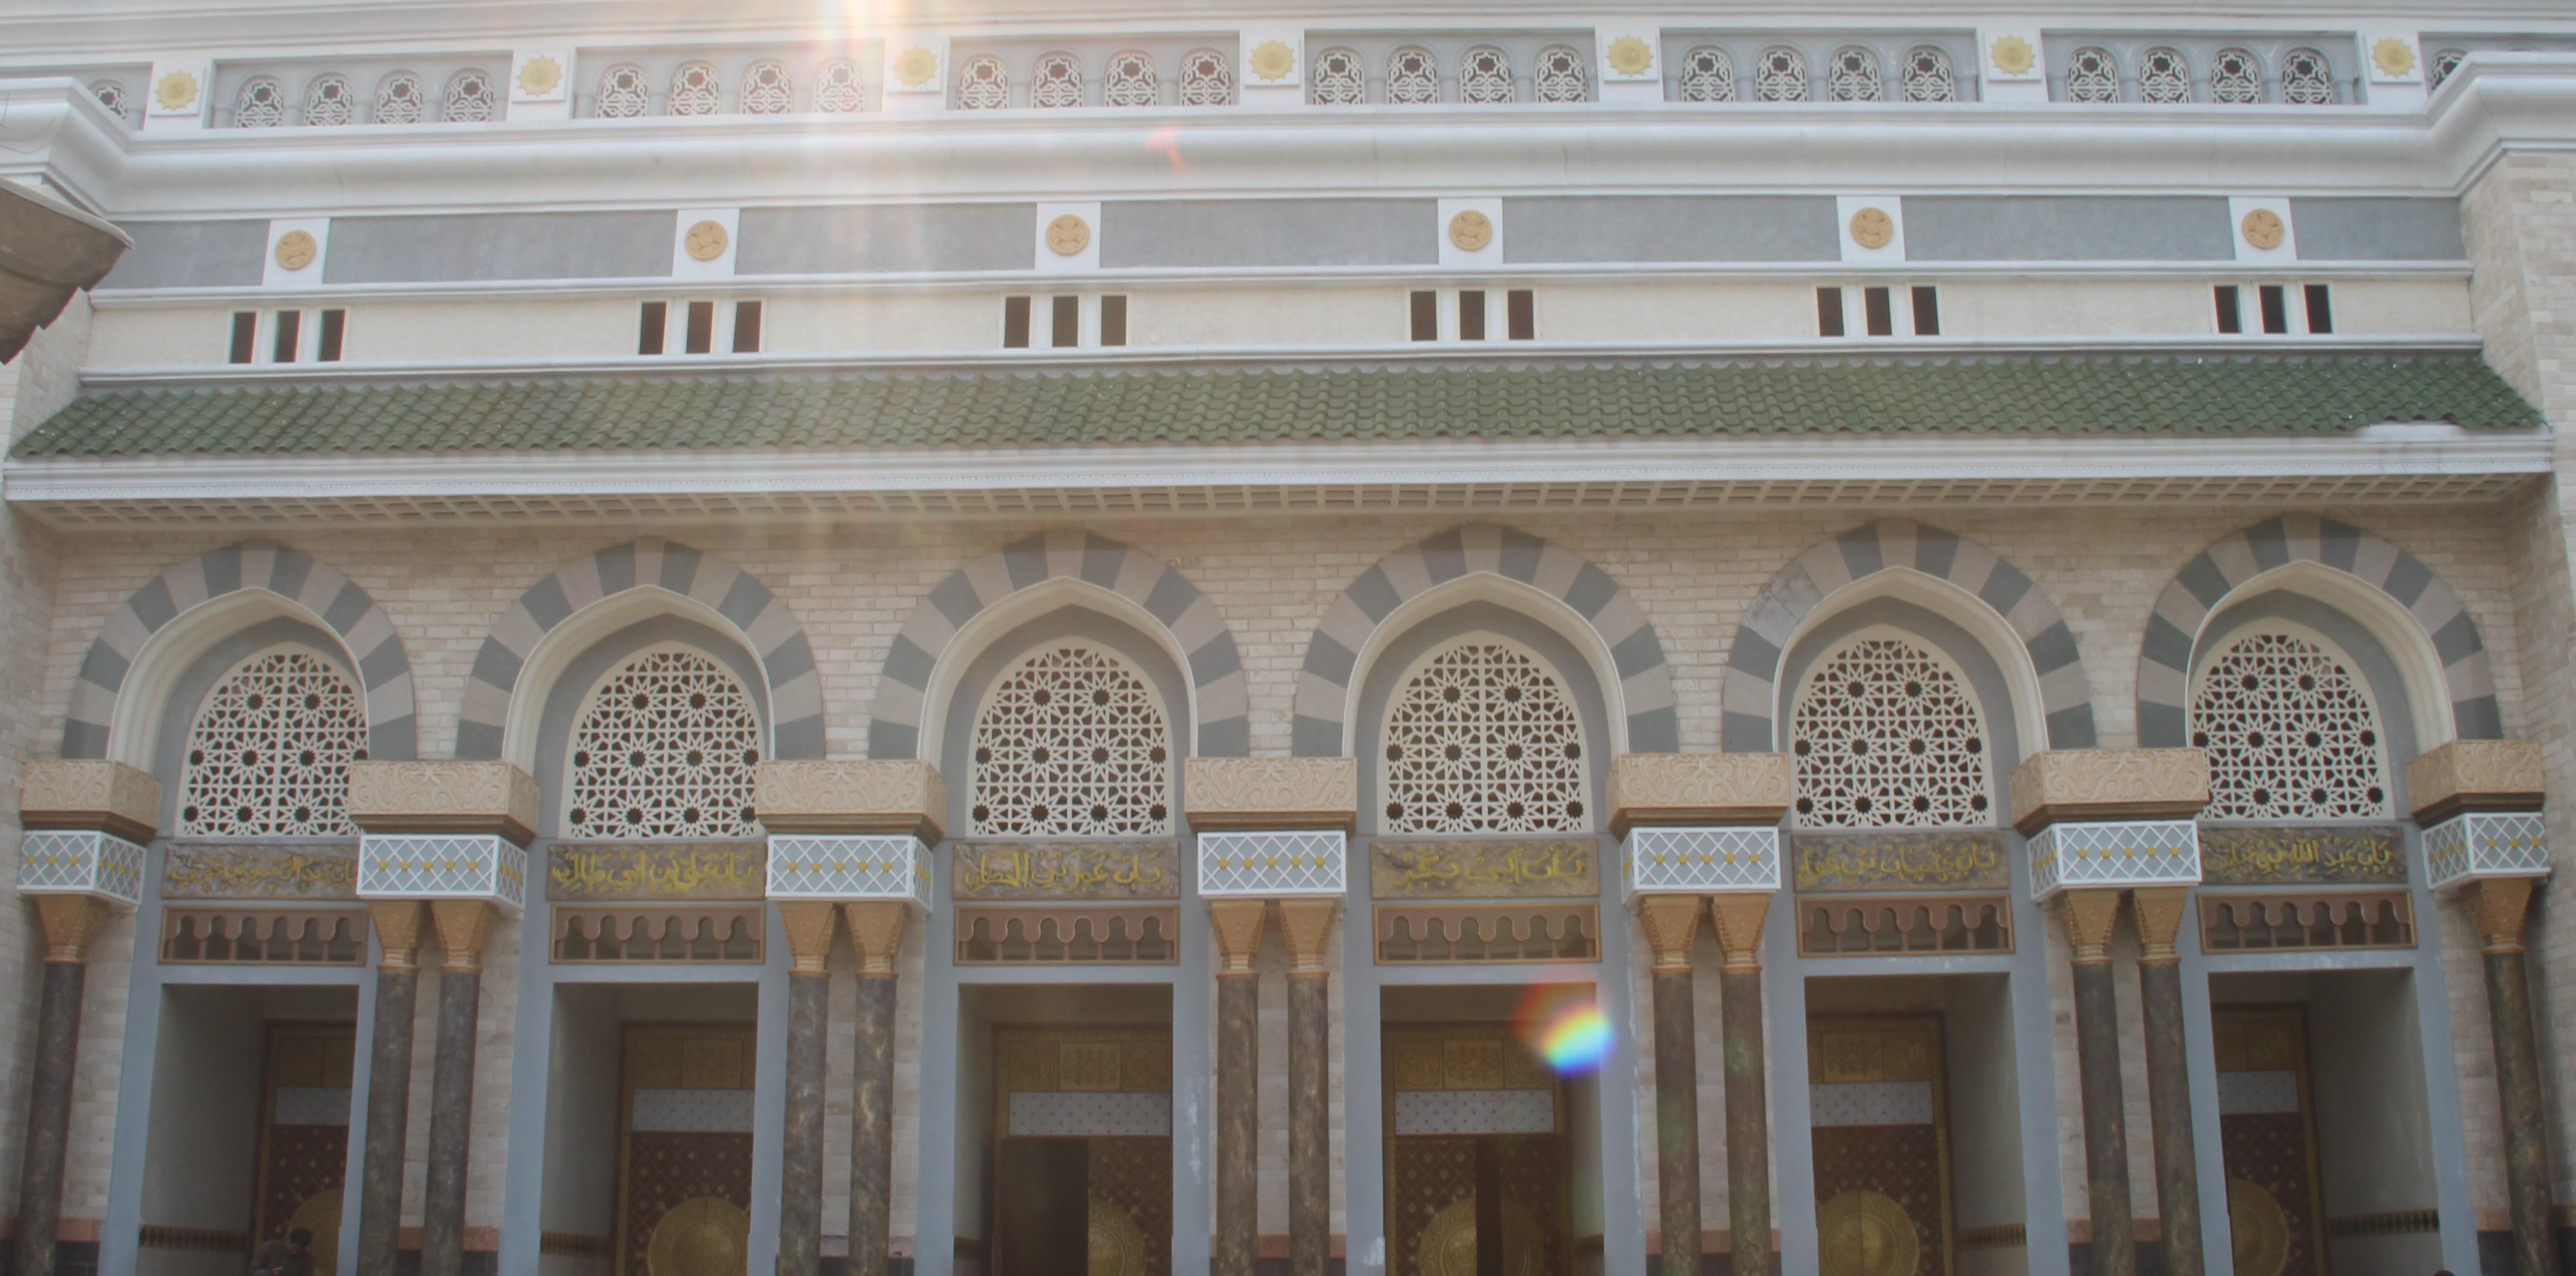 Masjid Al-Huda Tujuh Pintu Cimanggis